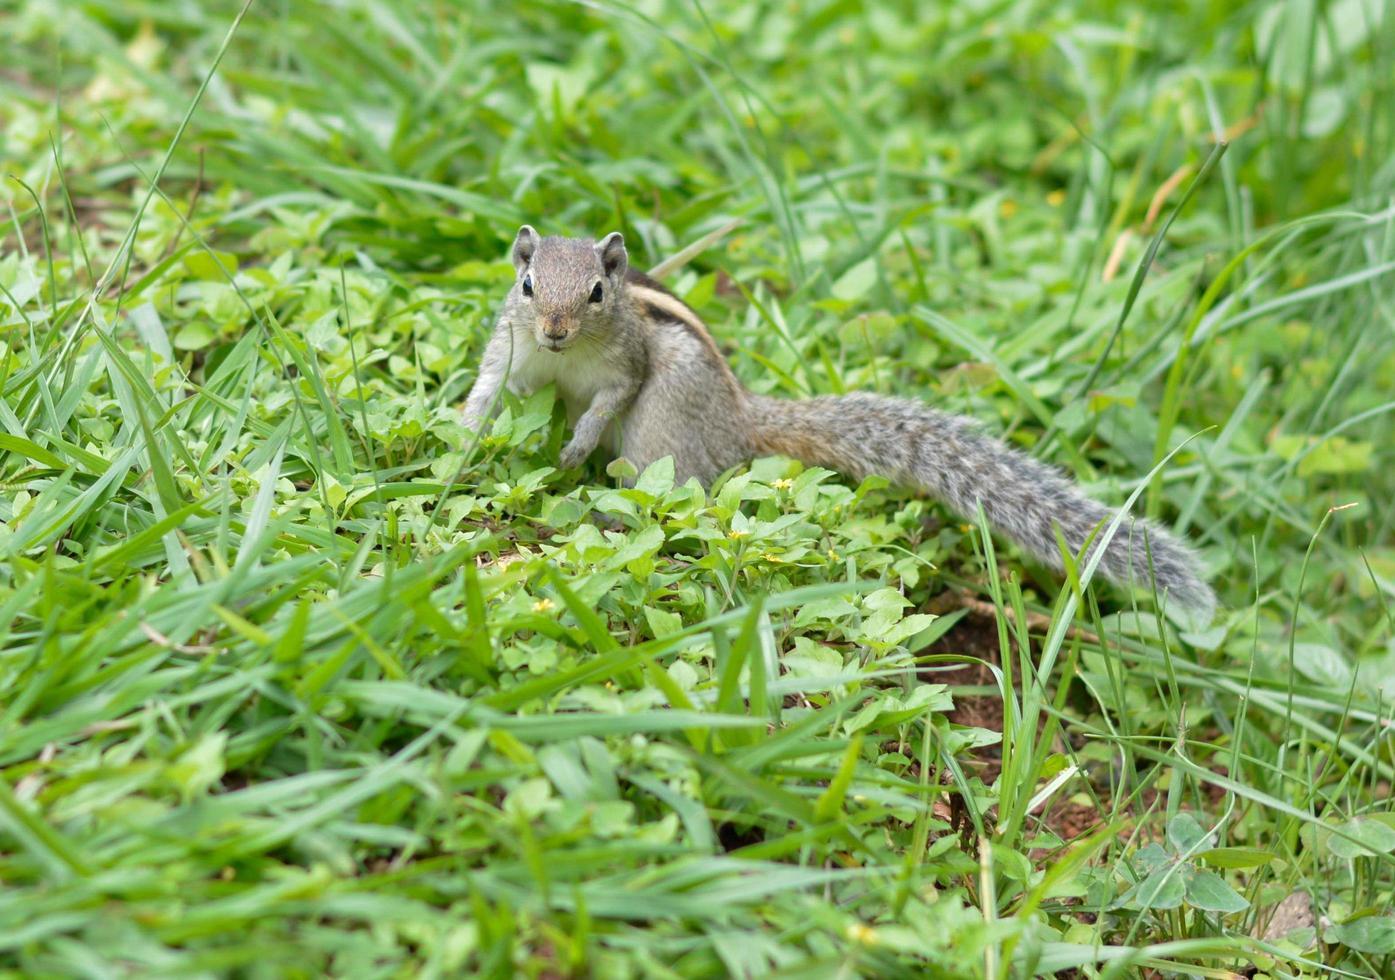 Squirrel on grass photo